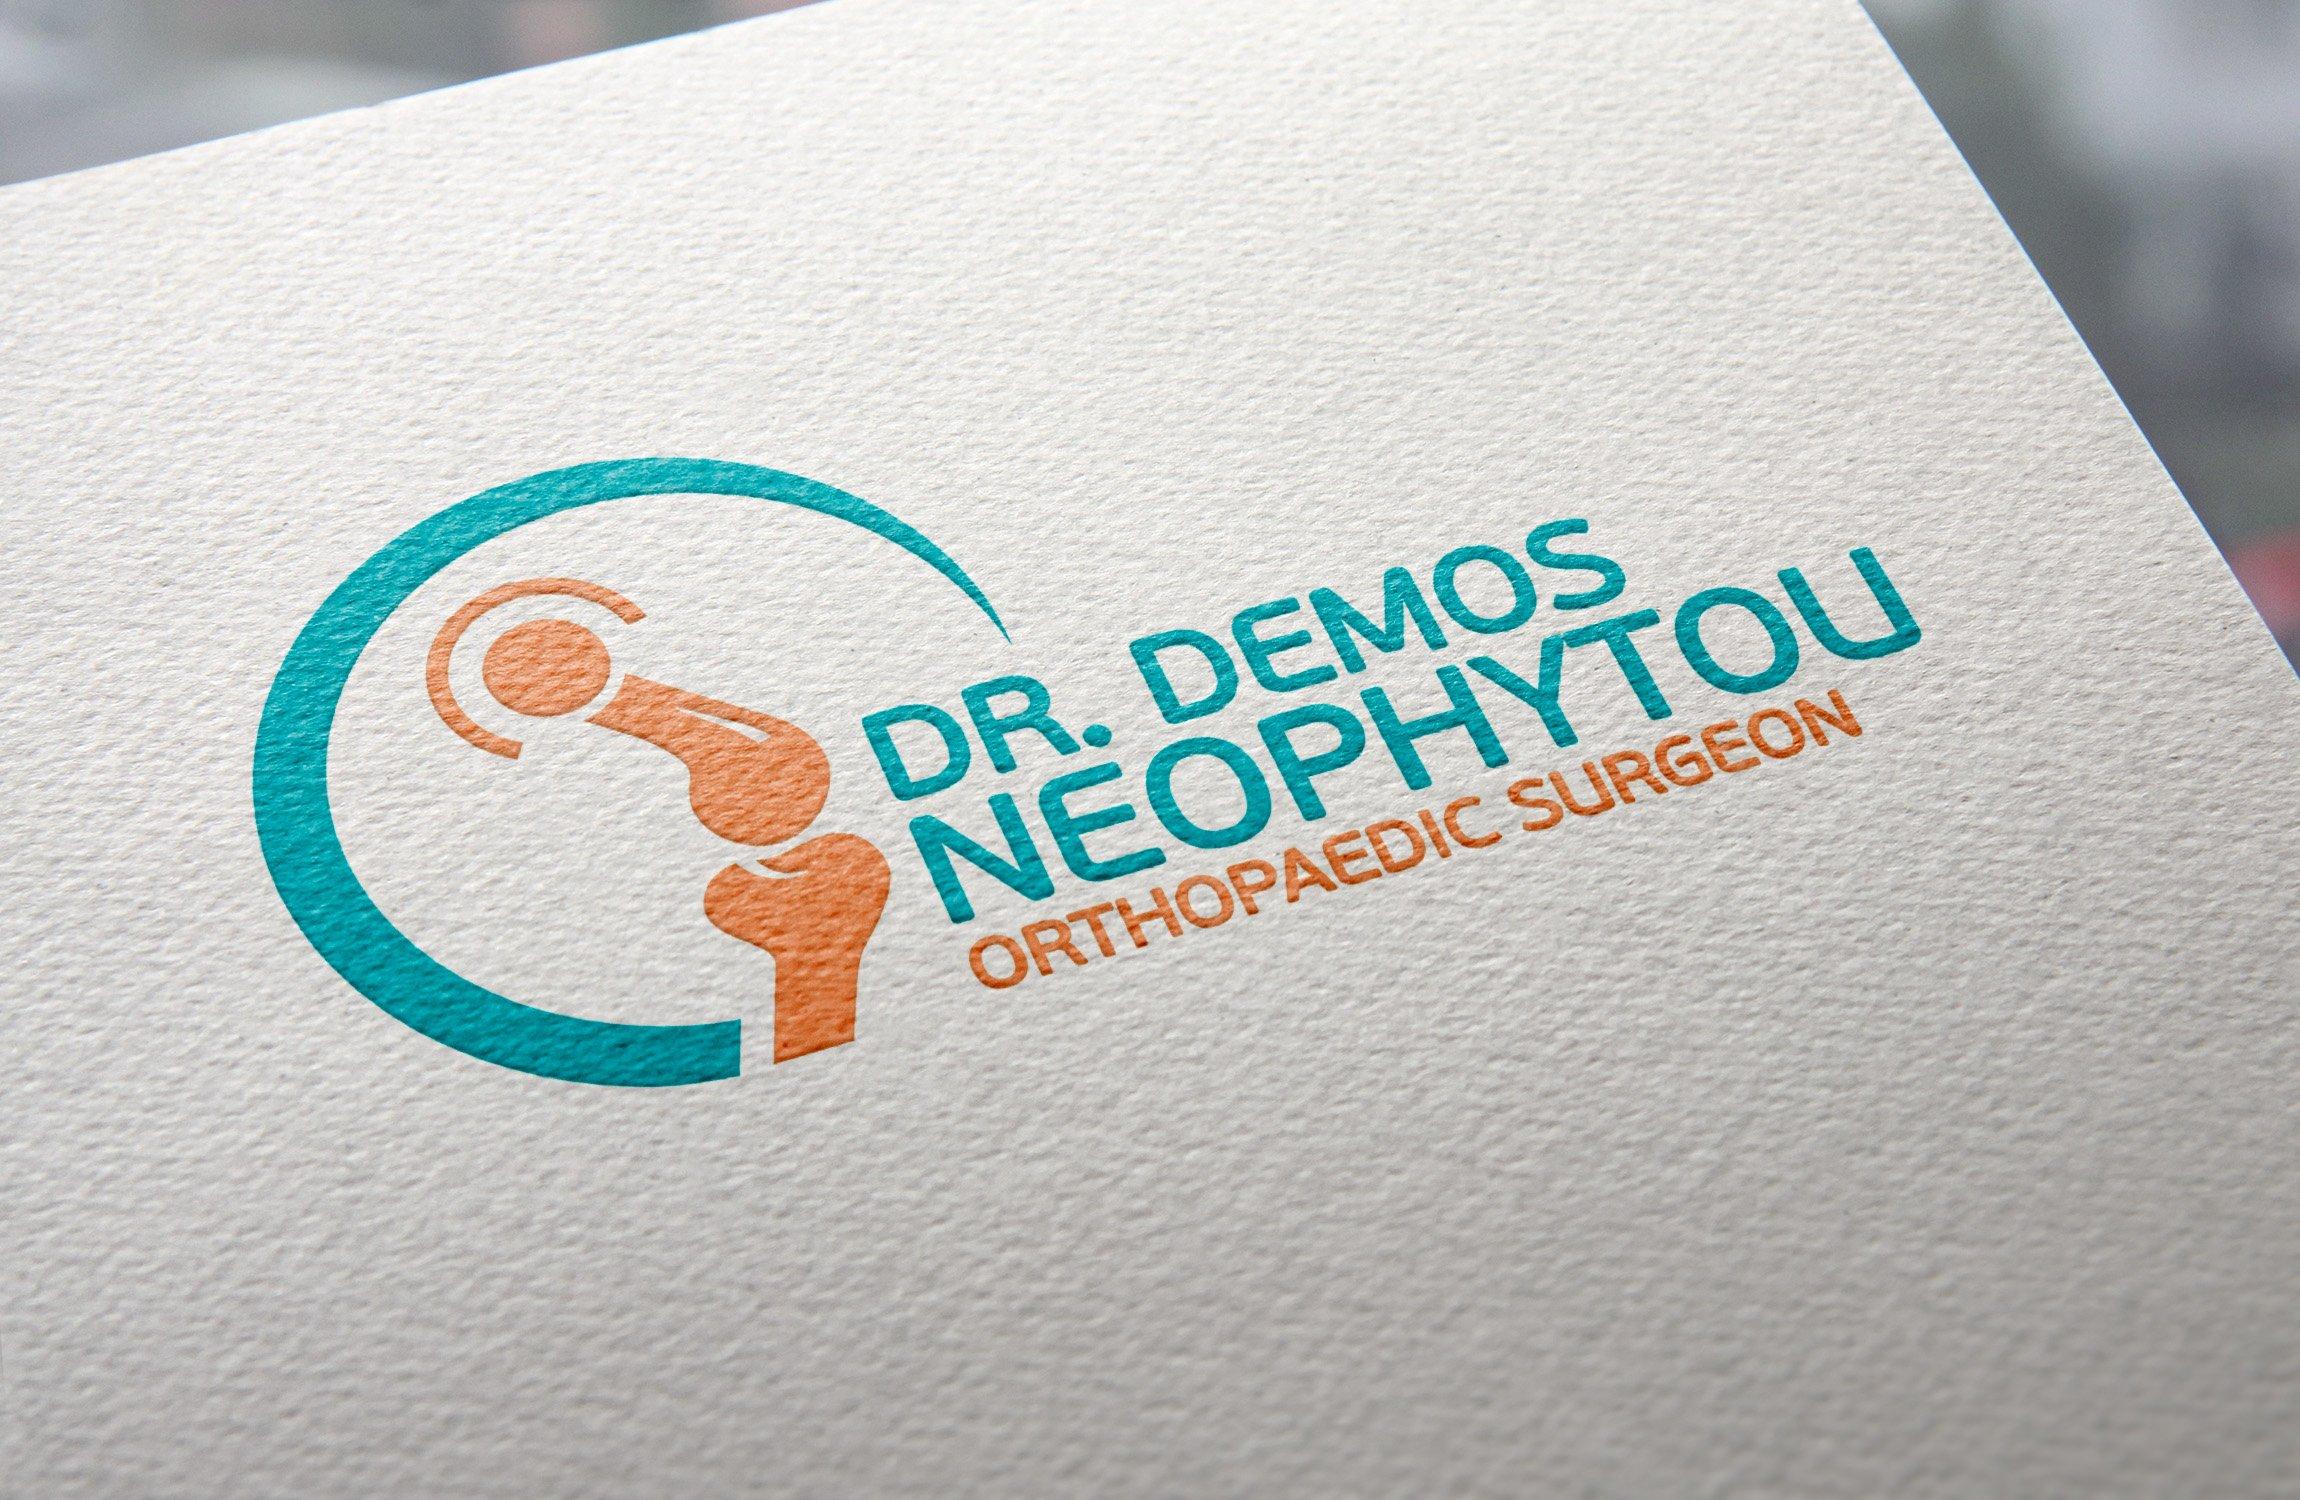 Dr Demos Neophytou Archives Workshop